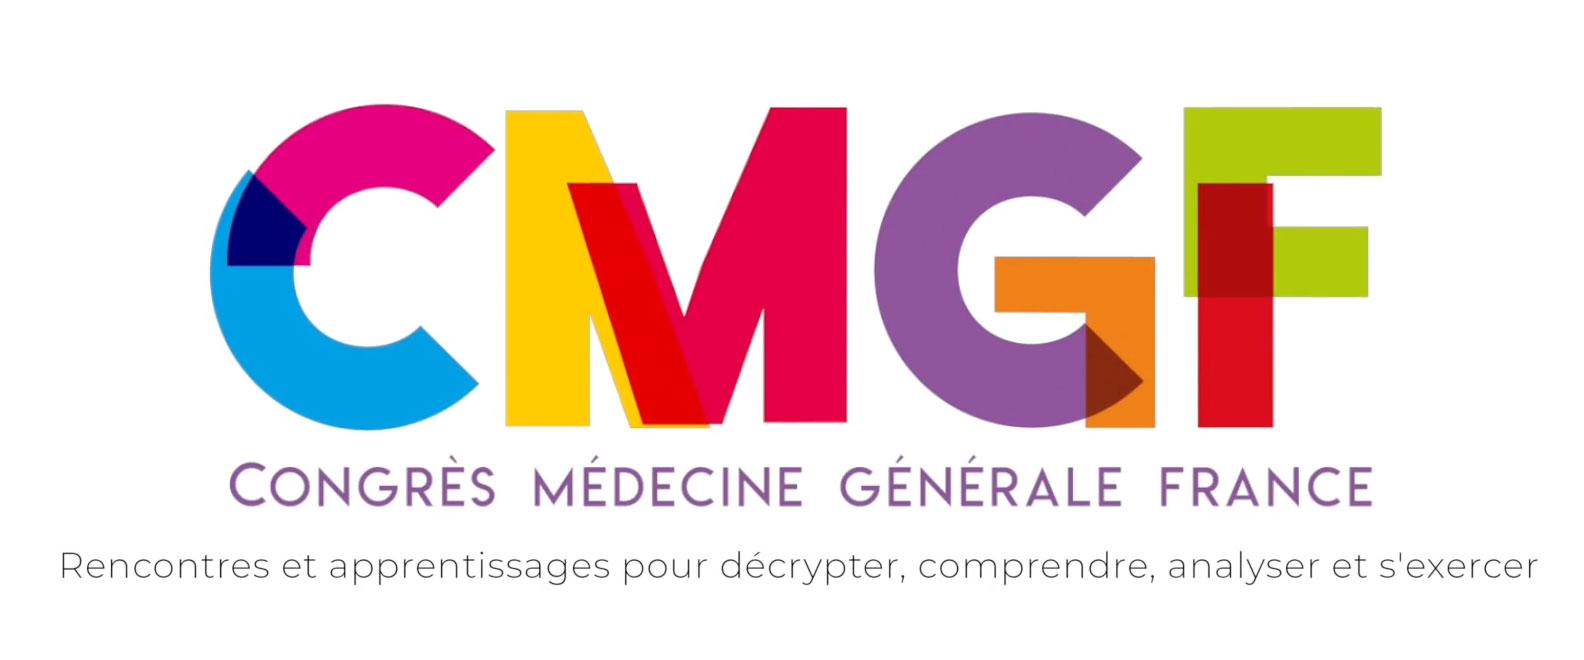 logo congres medecine générale